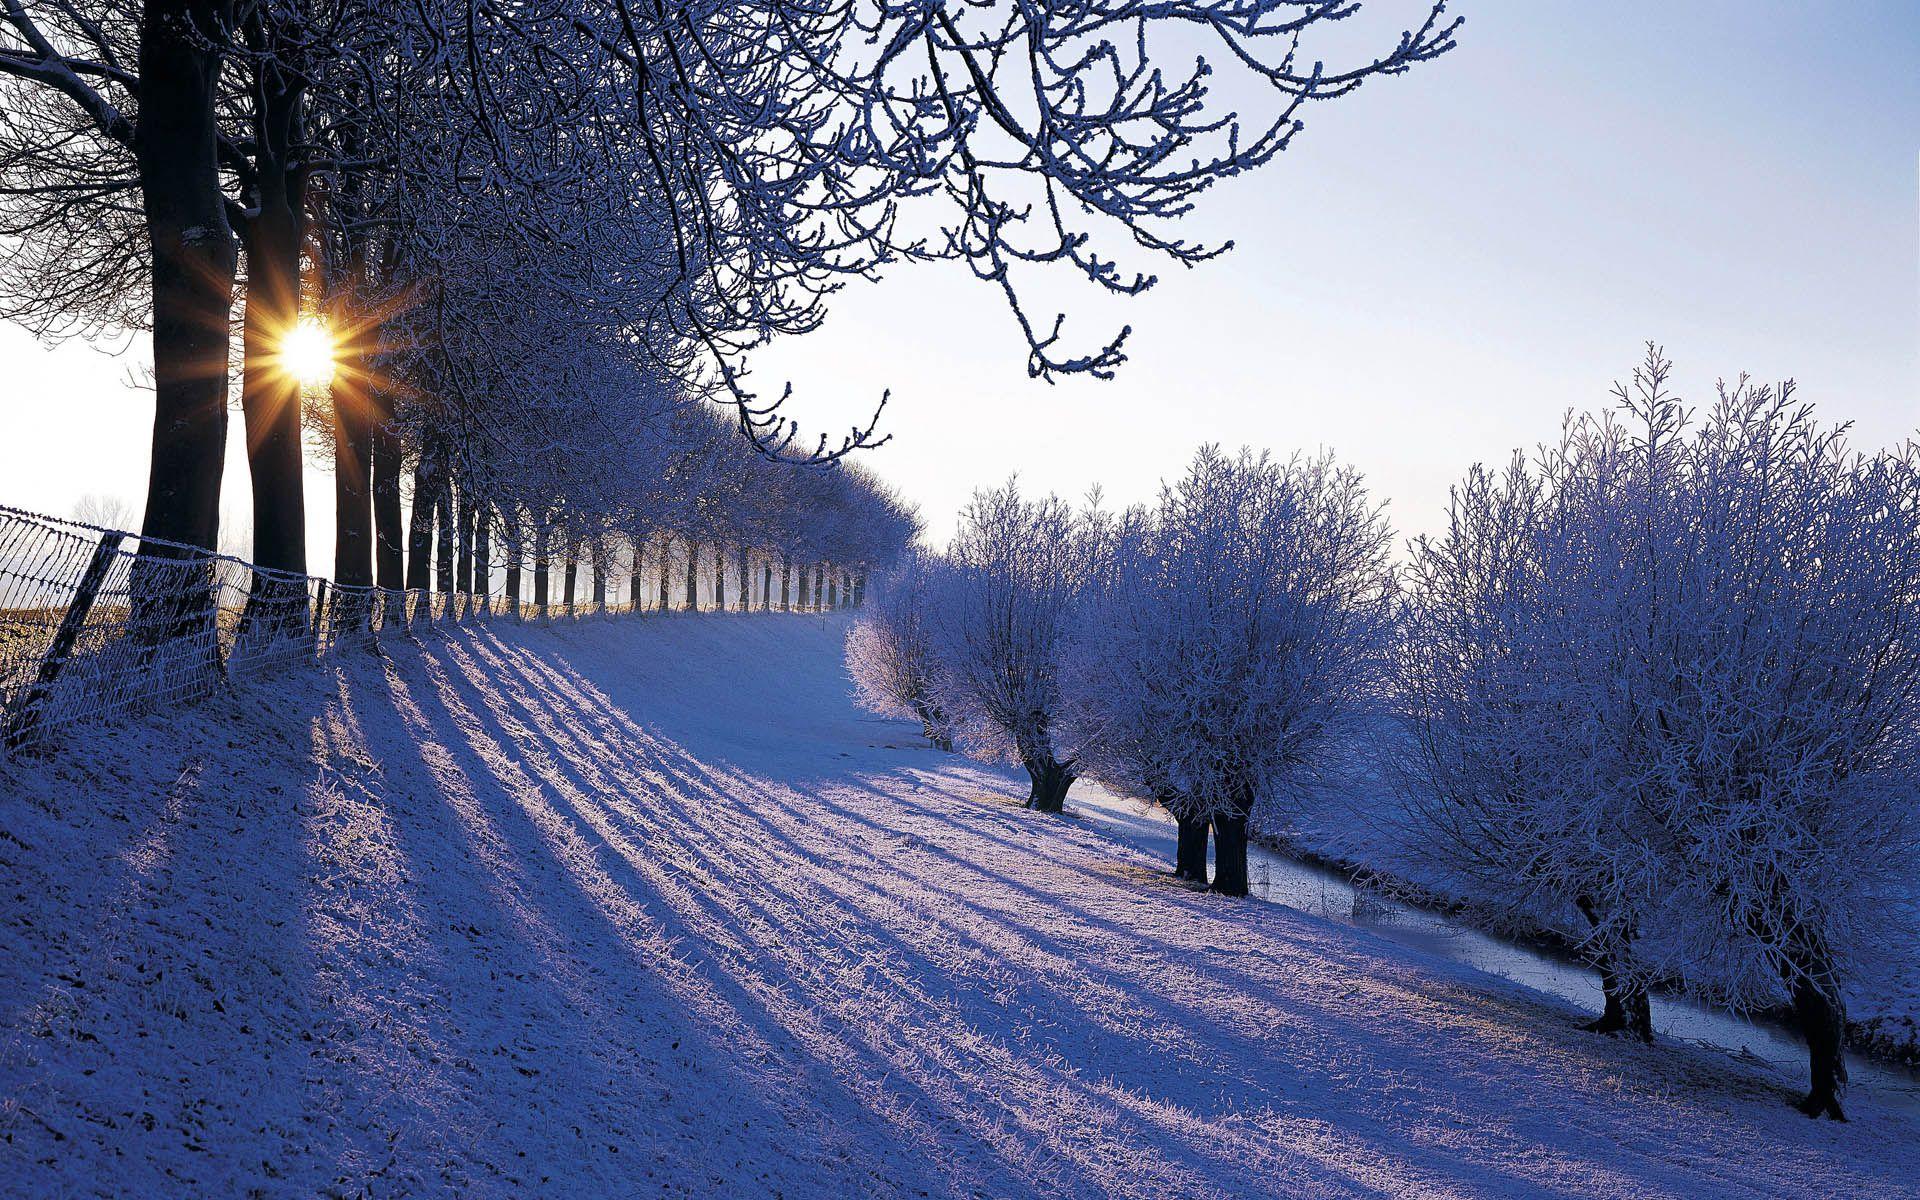 Netherlands Keren Winter Landscape Winter Scenery Winter Wallpaper